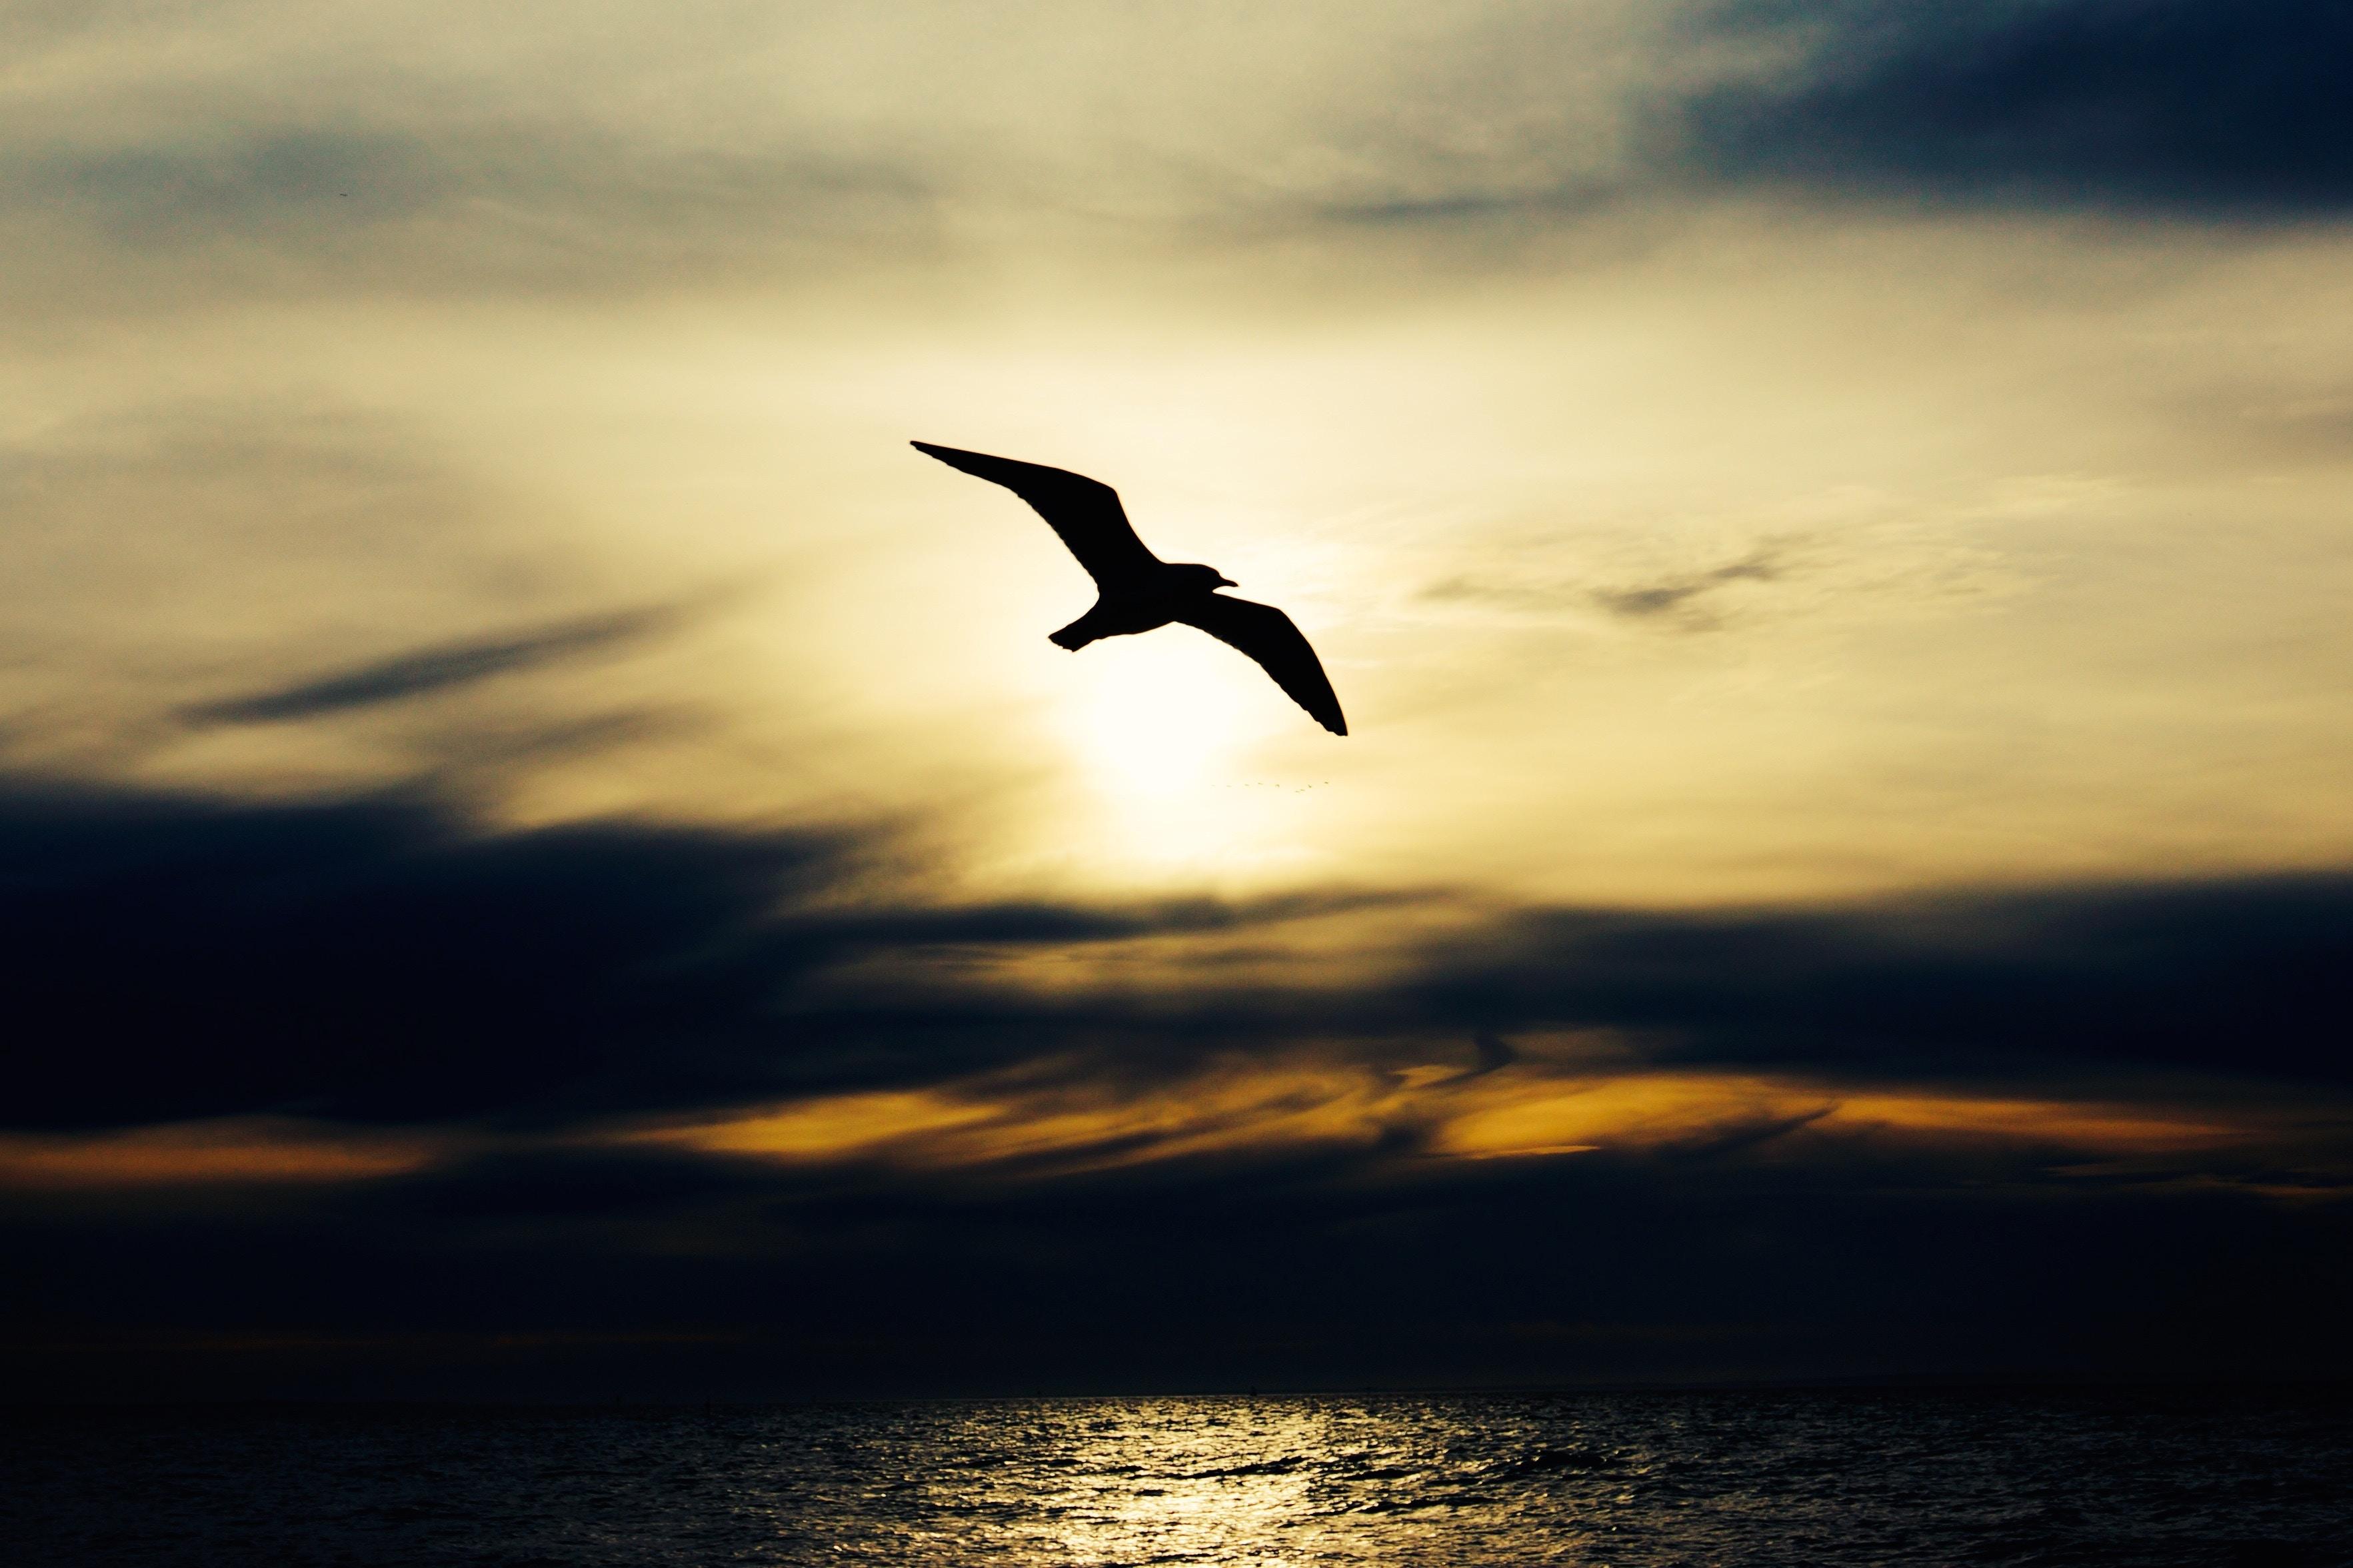 Unsplash-Alex Wigan